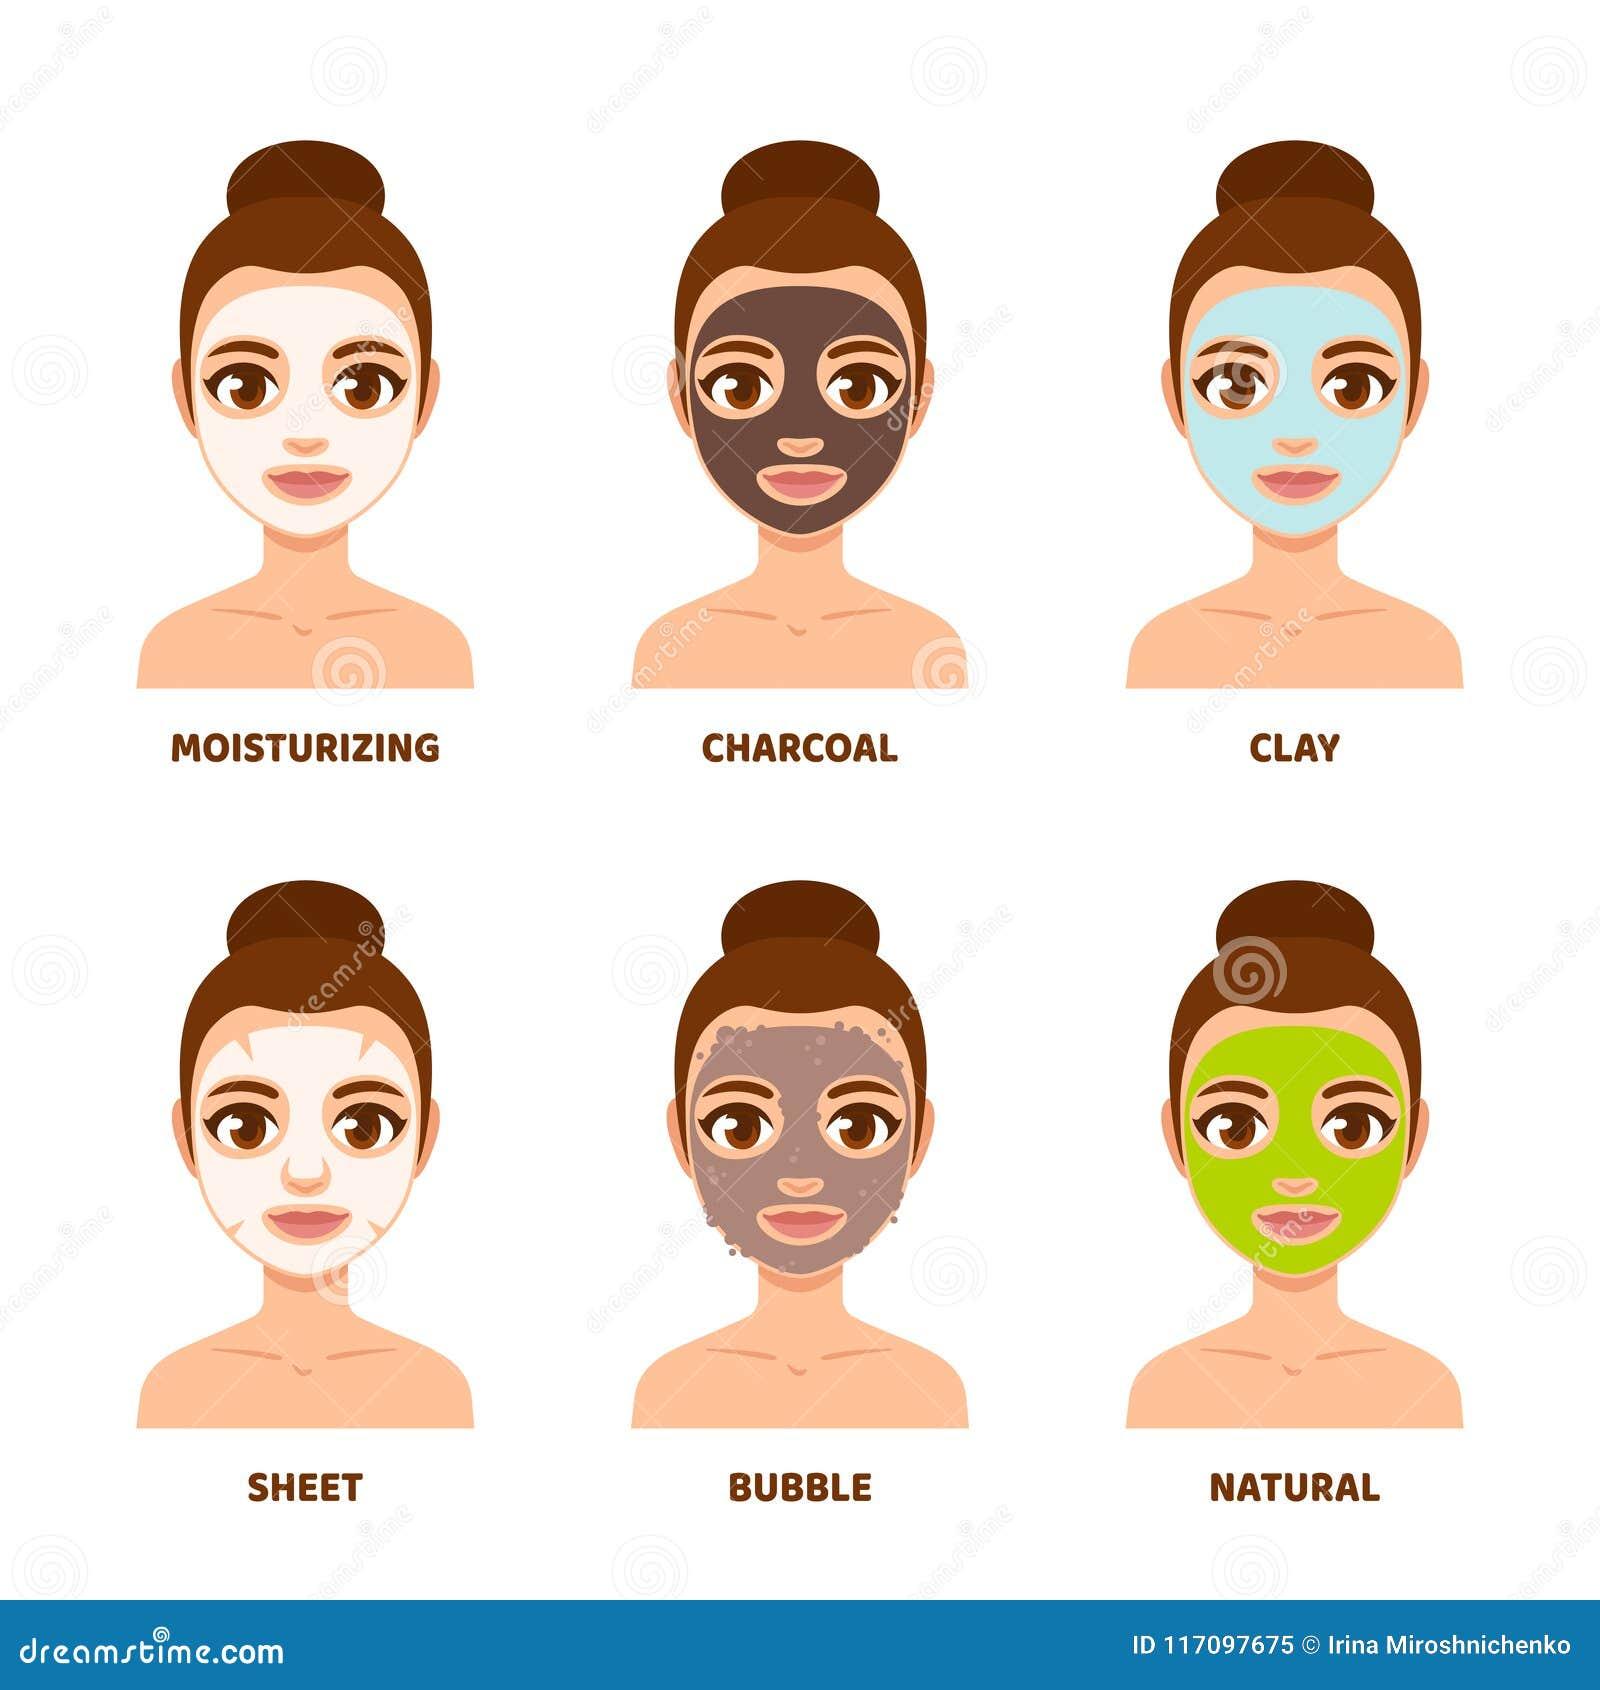 Face Mask Skin Care Set Stock Vector Illustration Of Design 117097675